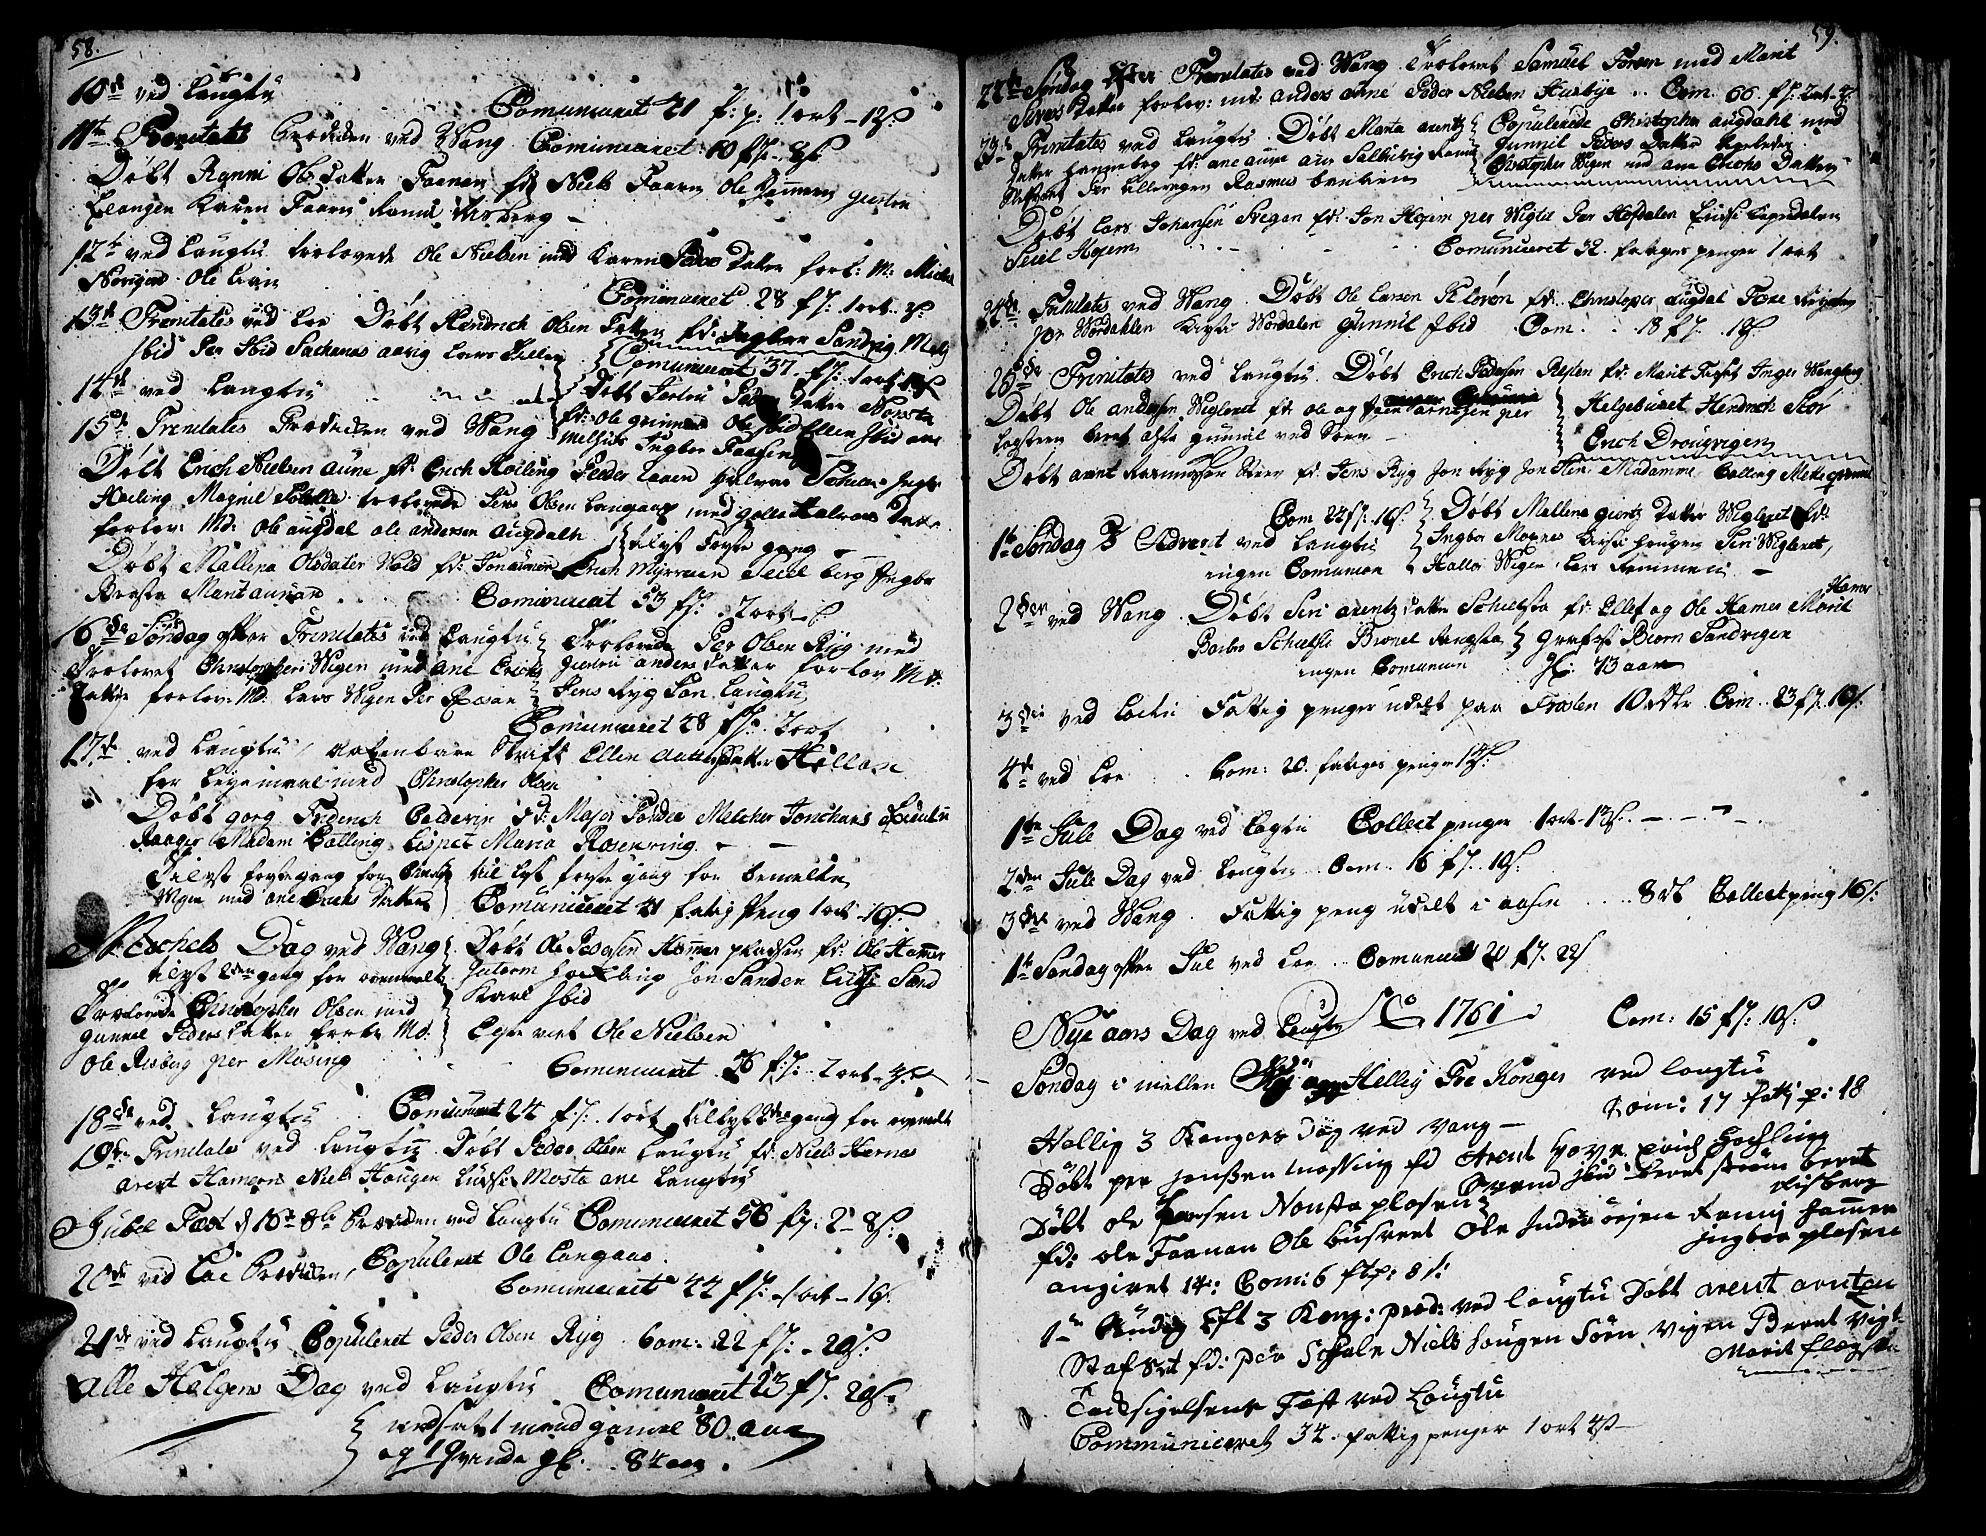 SAT, Ministerialprotokoller, klokkerbøker og fødselsregistre - Nord-Trøndelag, 713/L0109: Ministerialbok nr. 713A01, 1750-1778, s. 58-59